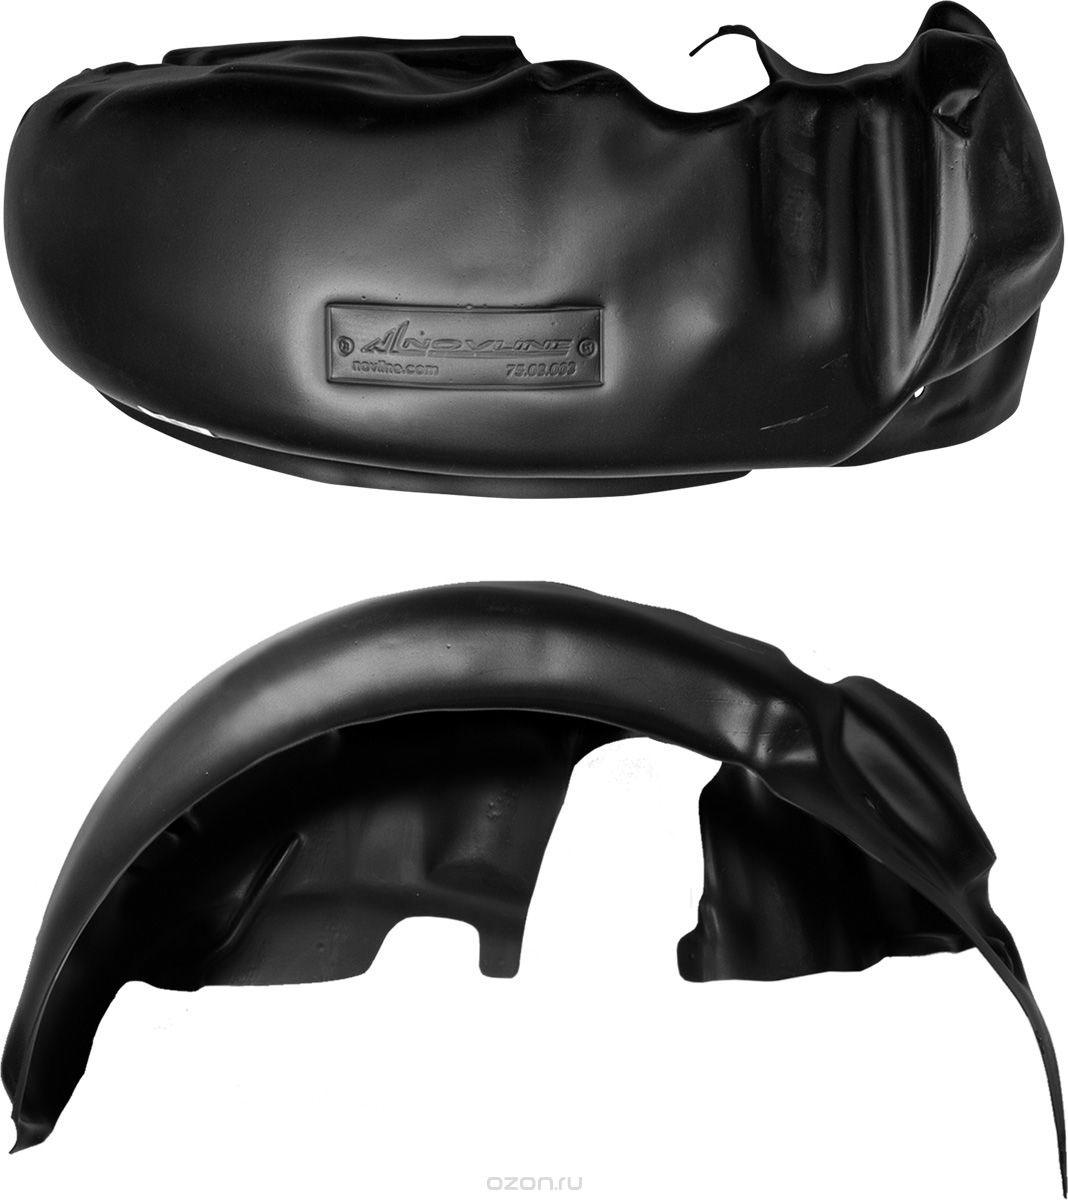 Подкрылок Novline-Autofamily, для ВАЗ 2105-07 1982-2010, задний правый44701001Идеальная защита колесной ниши. Локеры разработаны с применением цифровых технологий, гарантируют максимальную повторяемость поверхности арки. Изделия устанавливаются без нарушения лакокрасочного покрытия автомобиля, каждый подкрылок комплектуется крепежом. Уважаемые клиенты, обращаем ваше внимание, что фотографии на подкрылки универсальные и не отражают реальную форму изделия. При этом само изделие идет точно под размер указанного автомобиля.